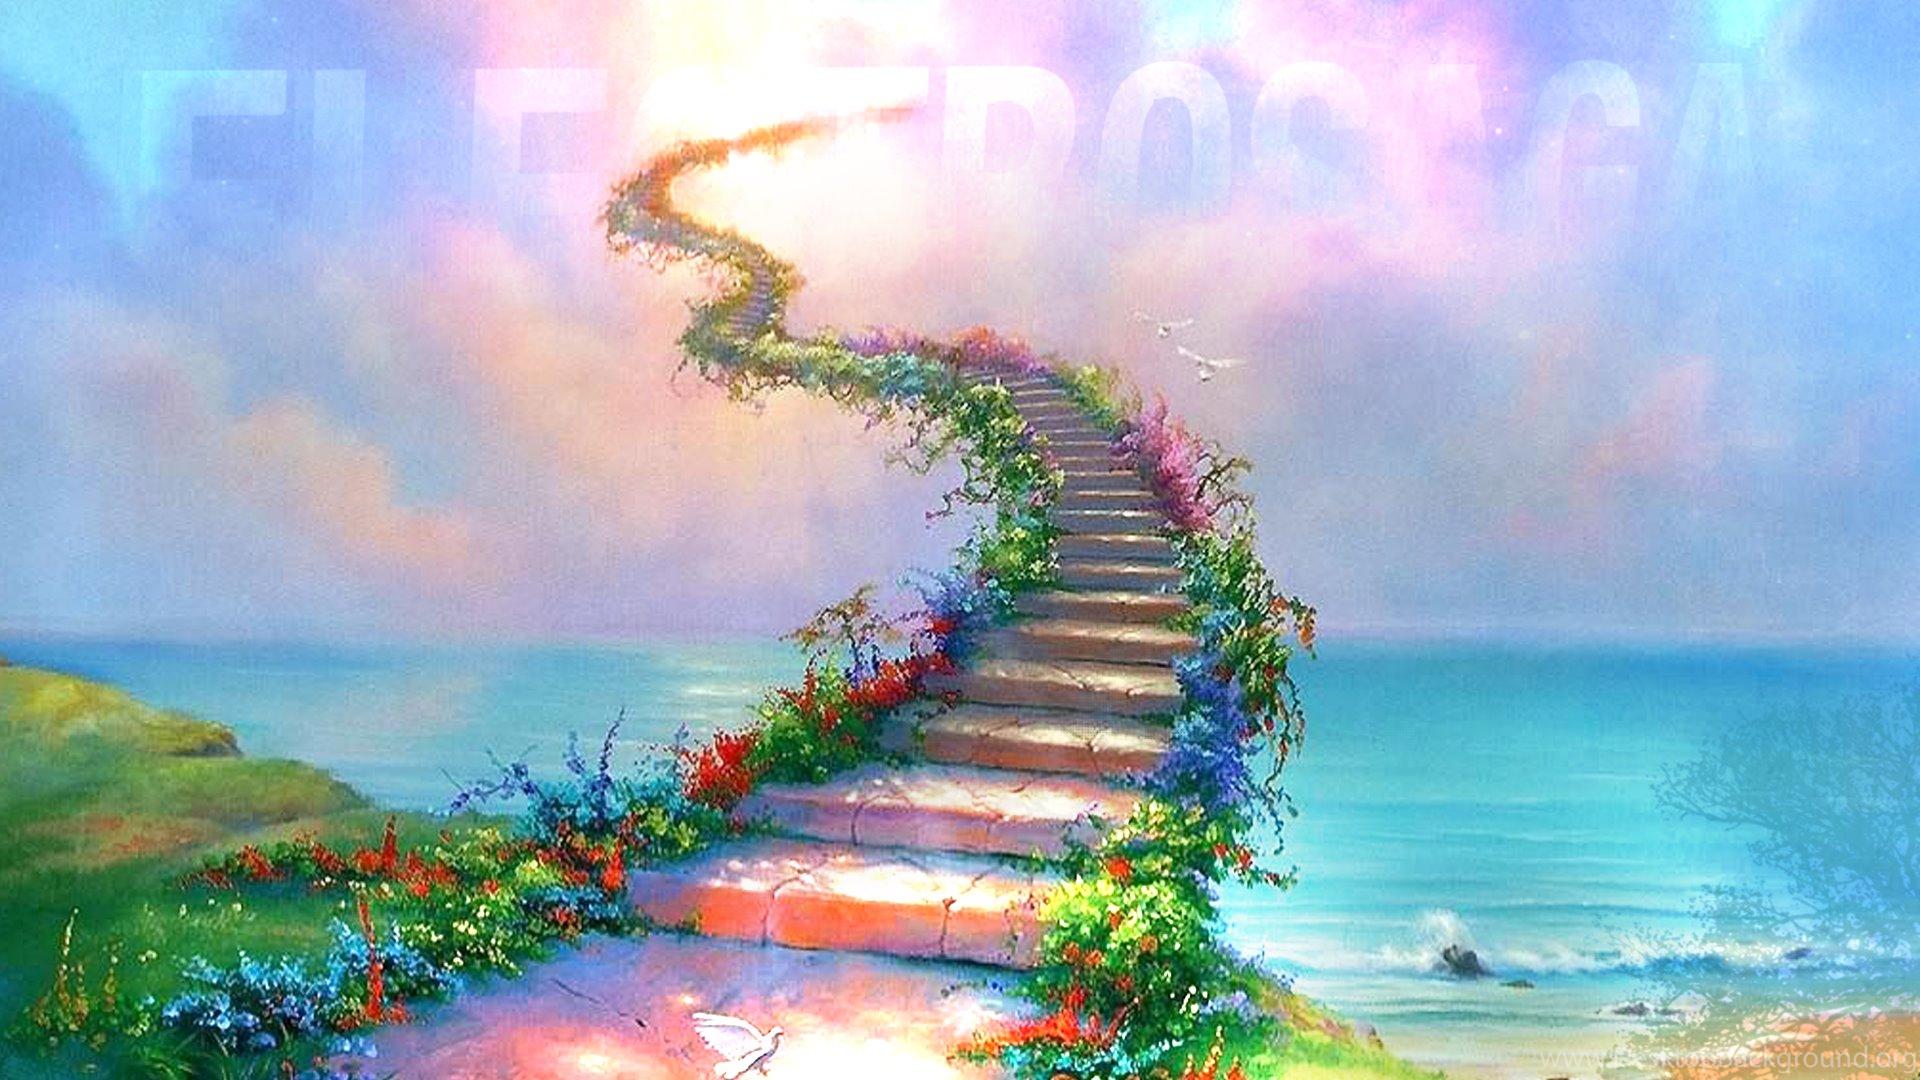 12 Heaven Artwork Stairway To Heaven Desktop Background